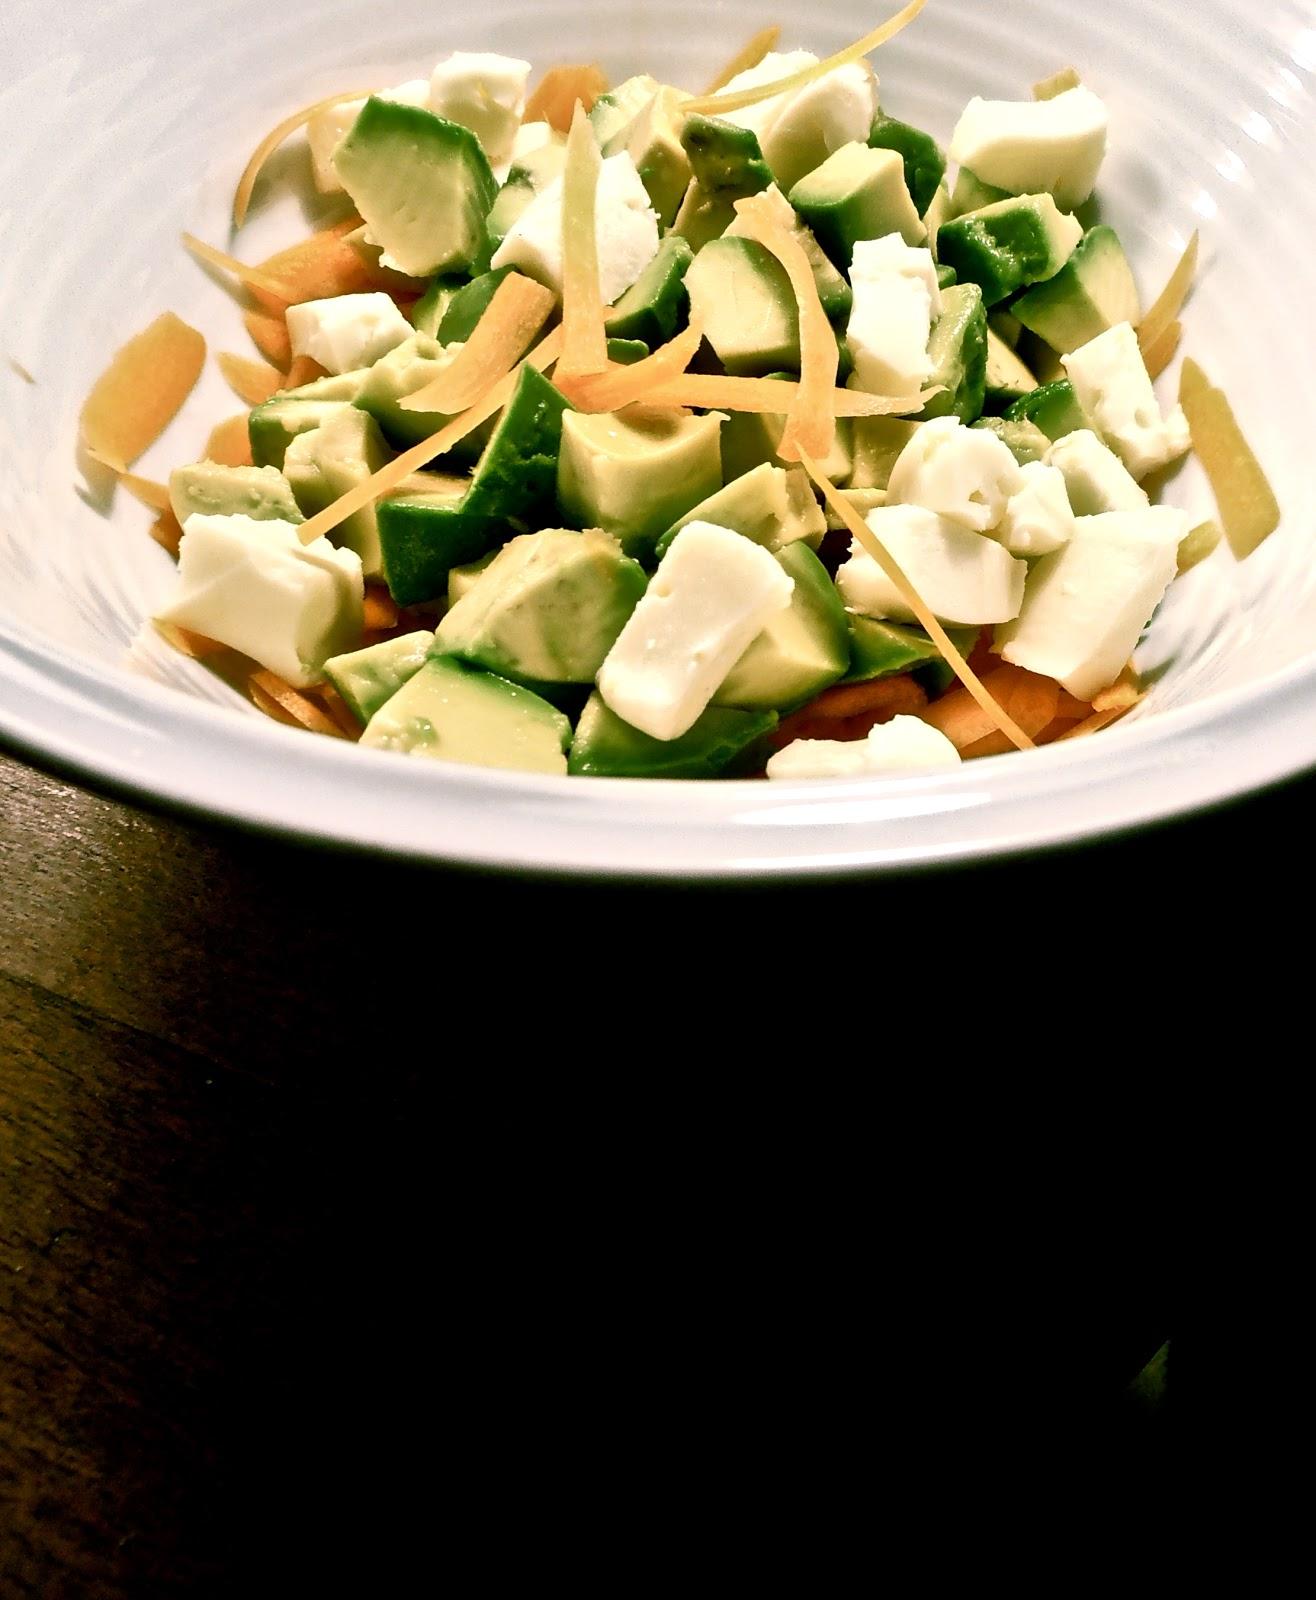 L 39 arbre paroles salade de carottes aux avocats - Arbre a carotte ...